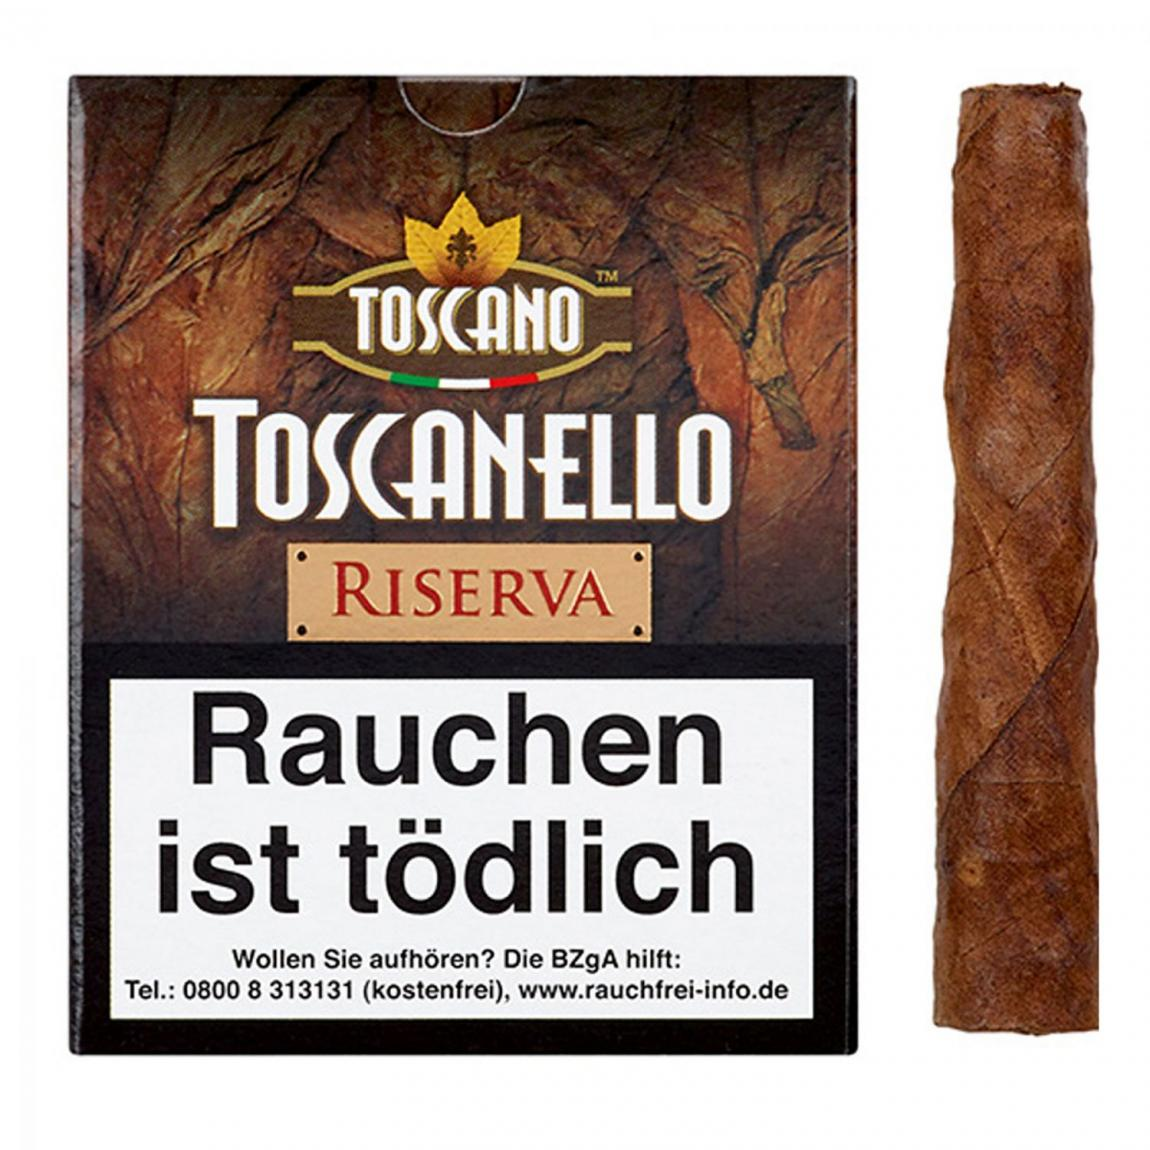 Toscano Toscanello »Riserva«